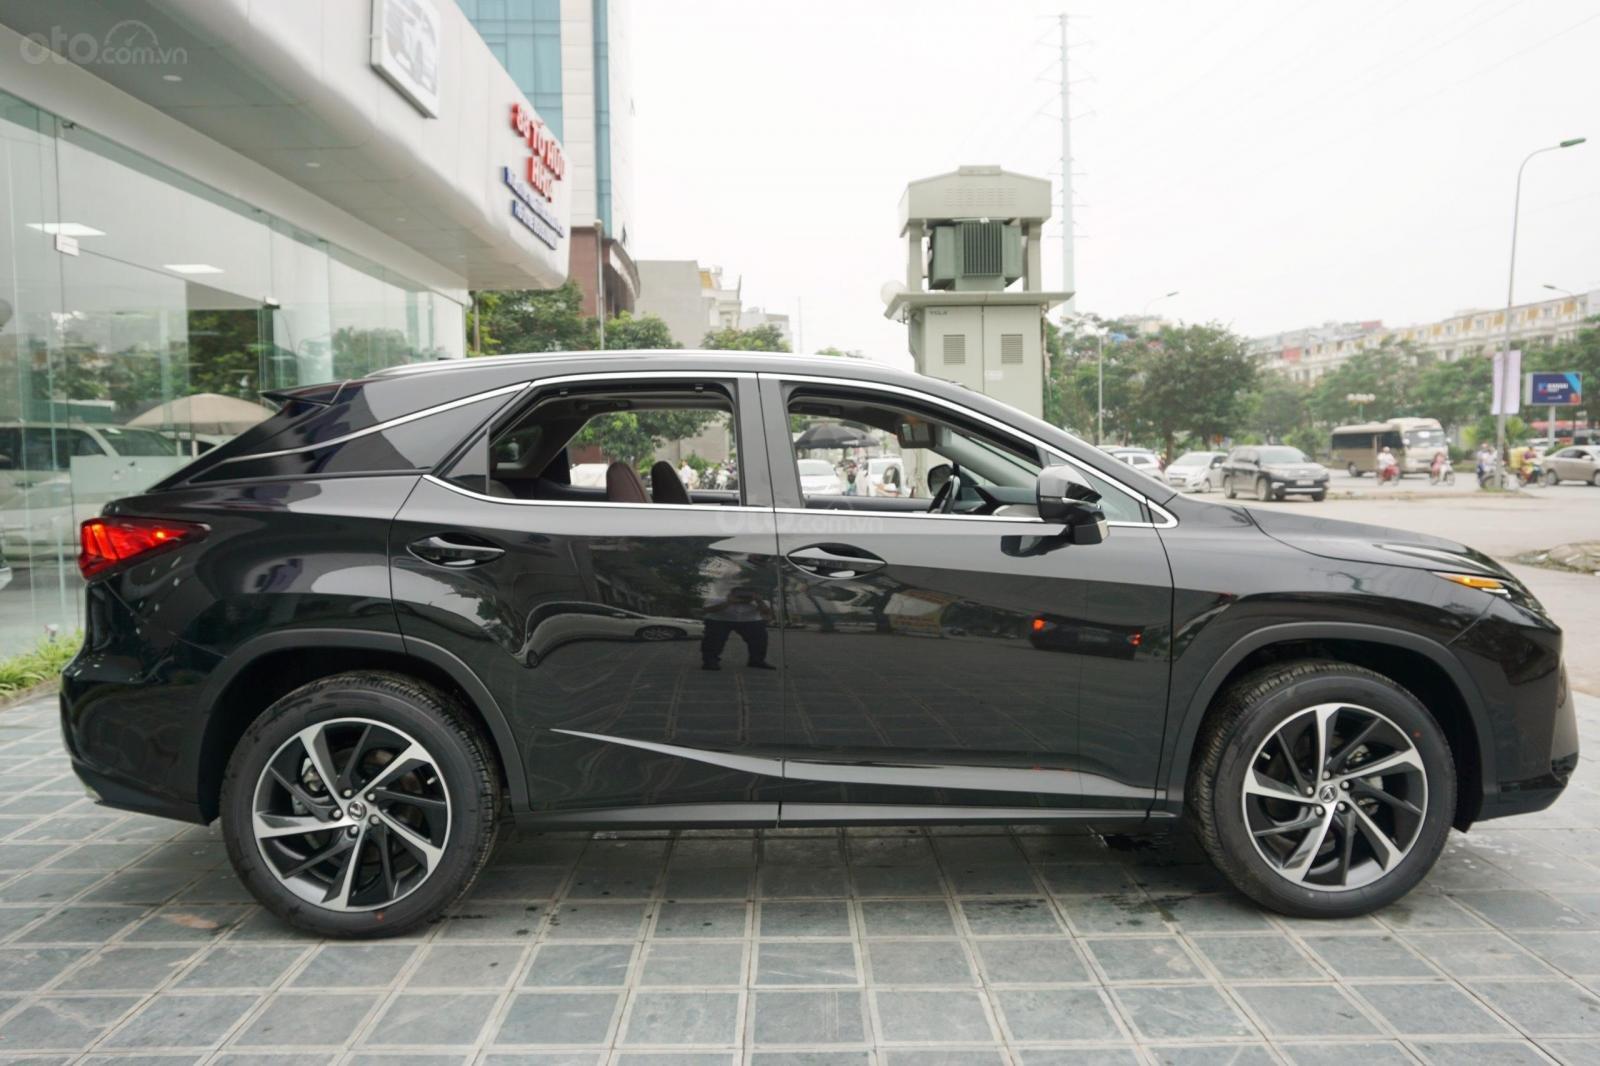 Bán Lexus RX 350 sản xuất 2019, màu đen, nhập Mỹ, giao ngay, LH 094.539.2468 Ms Hương (3)